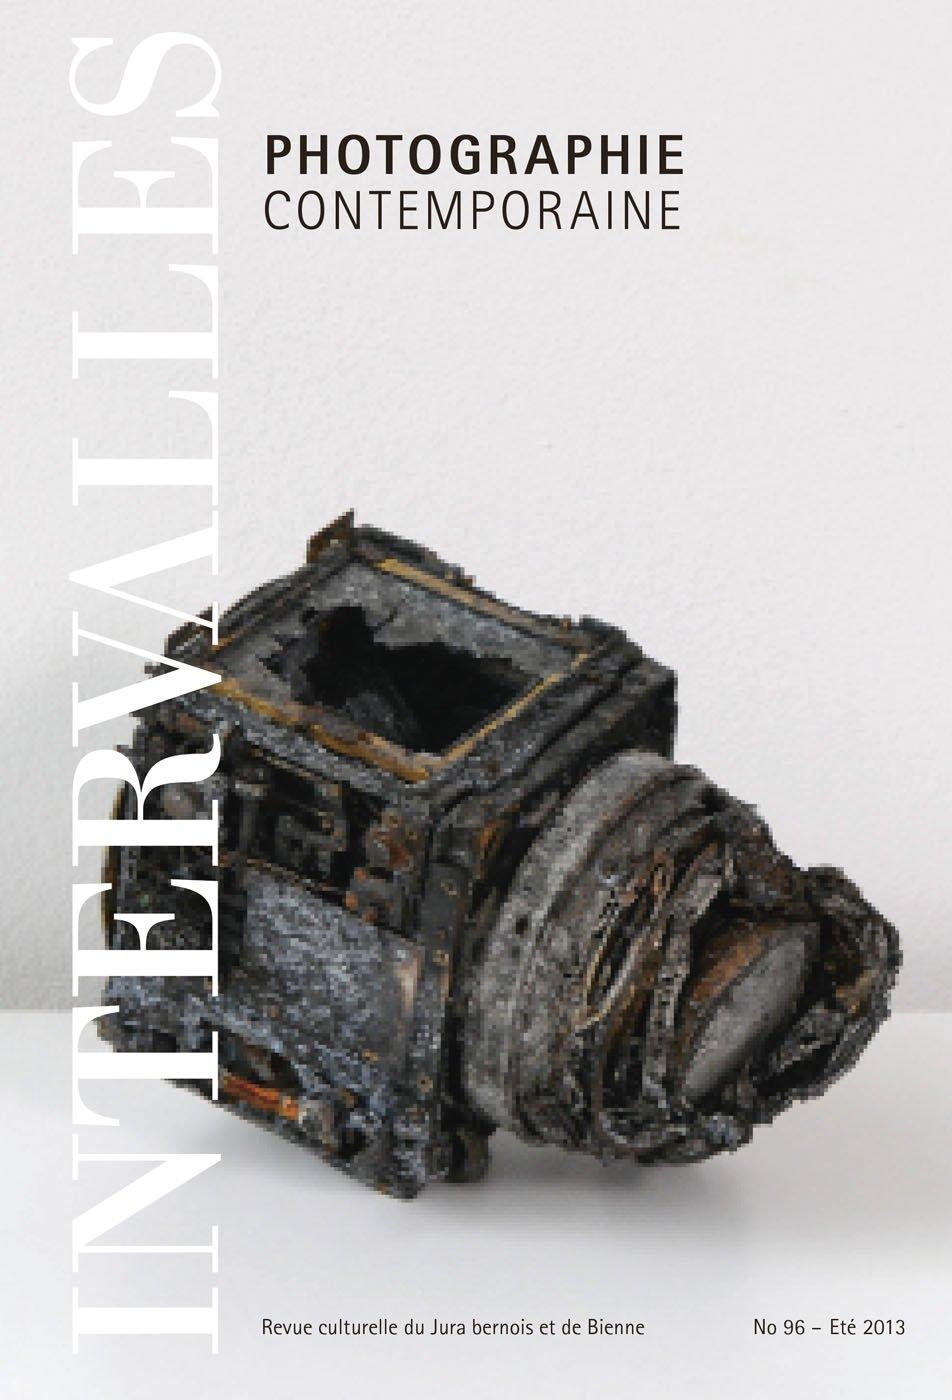 No 96 – Photographie contemporaine